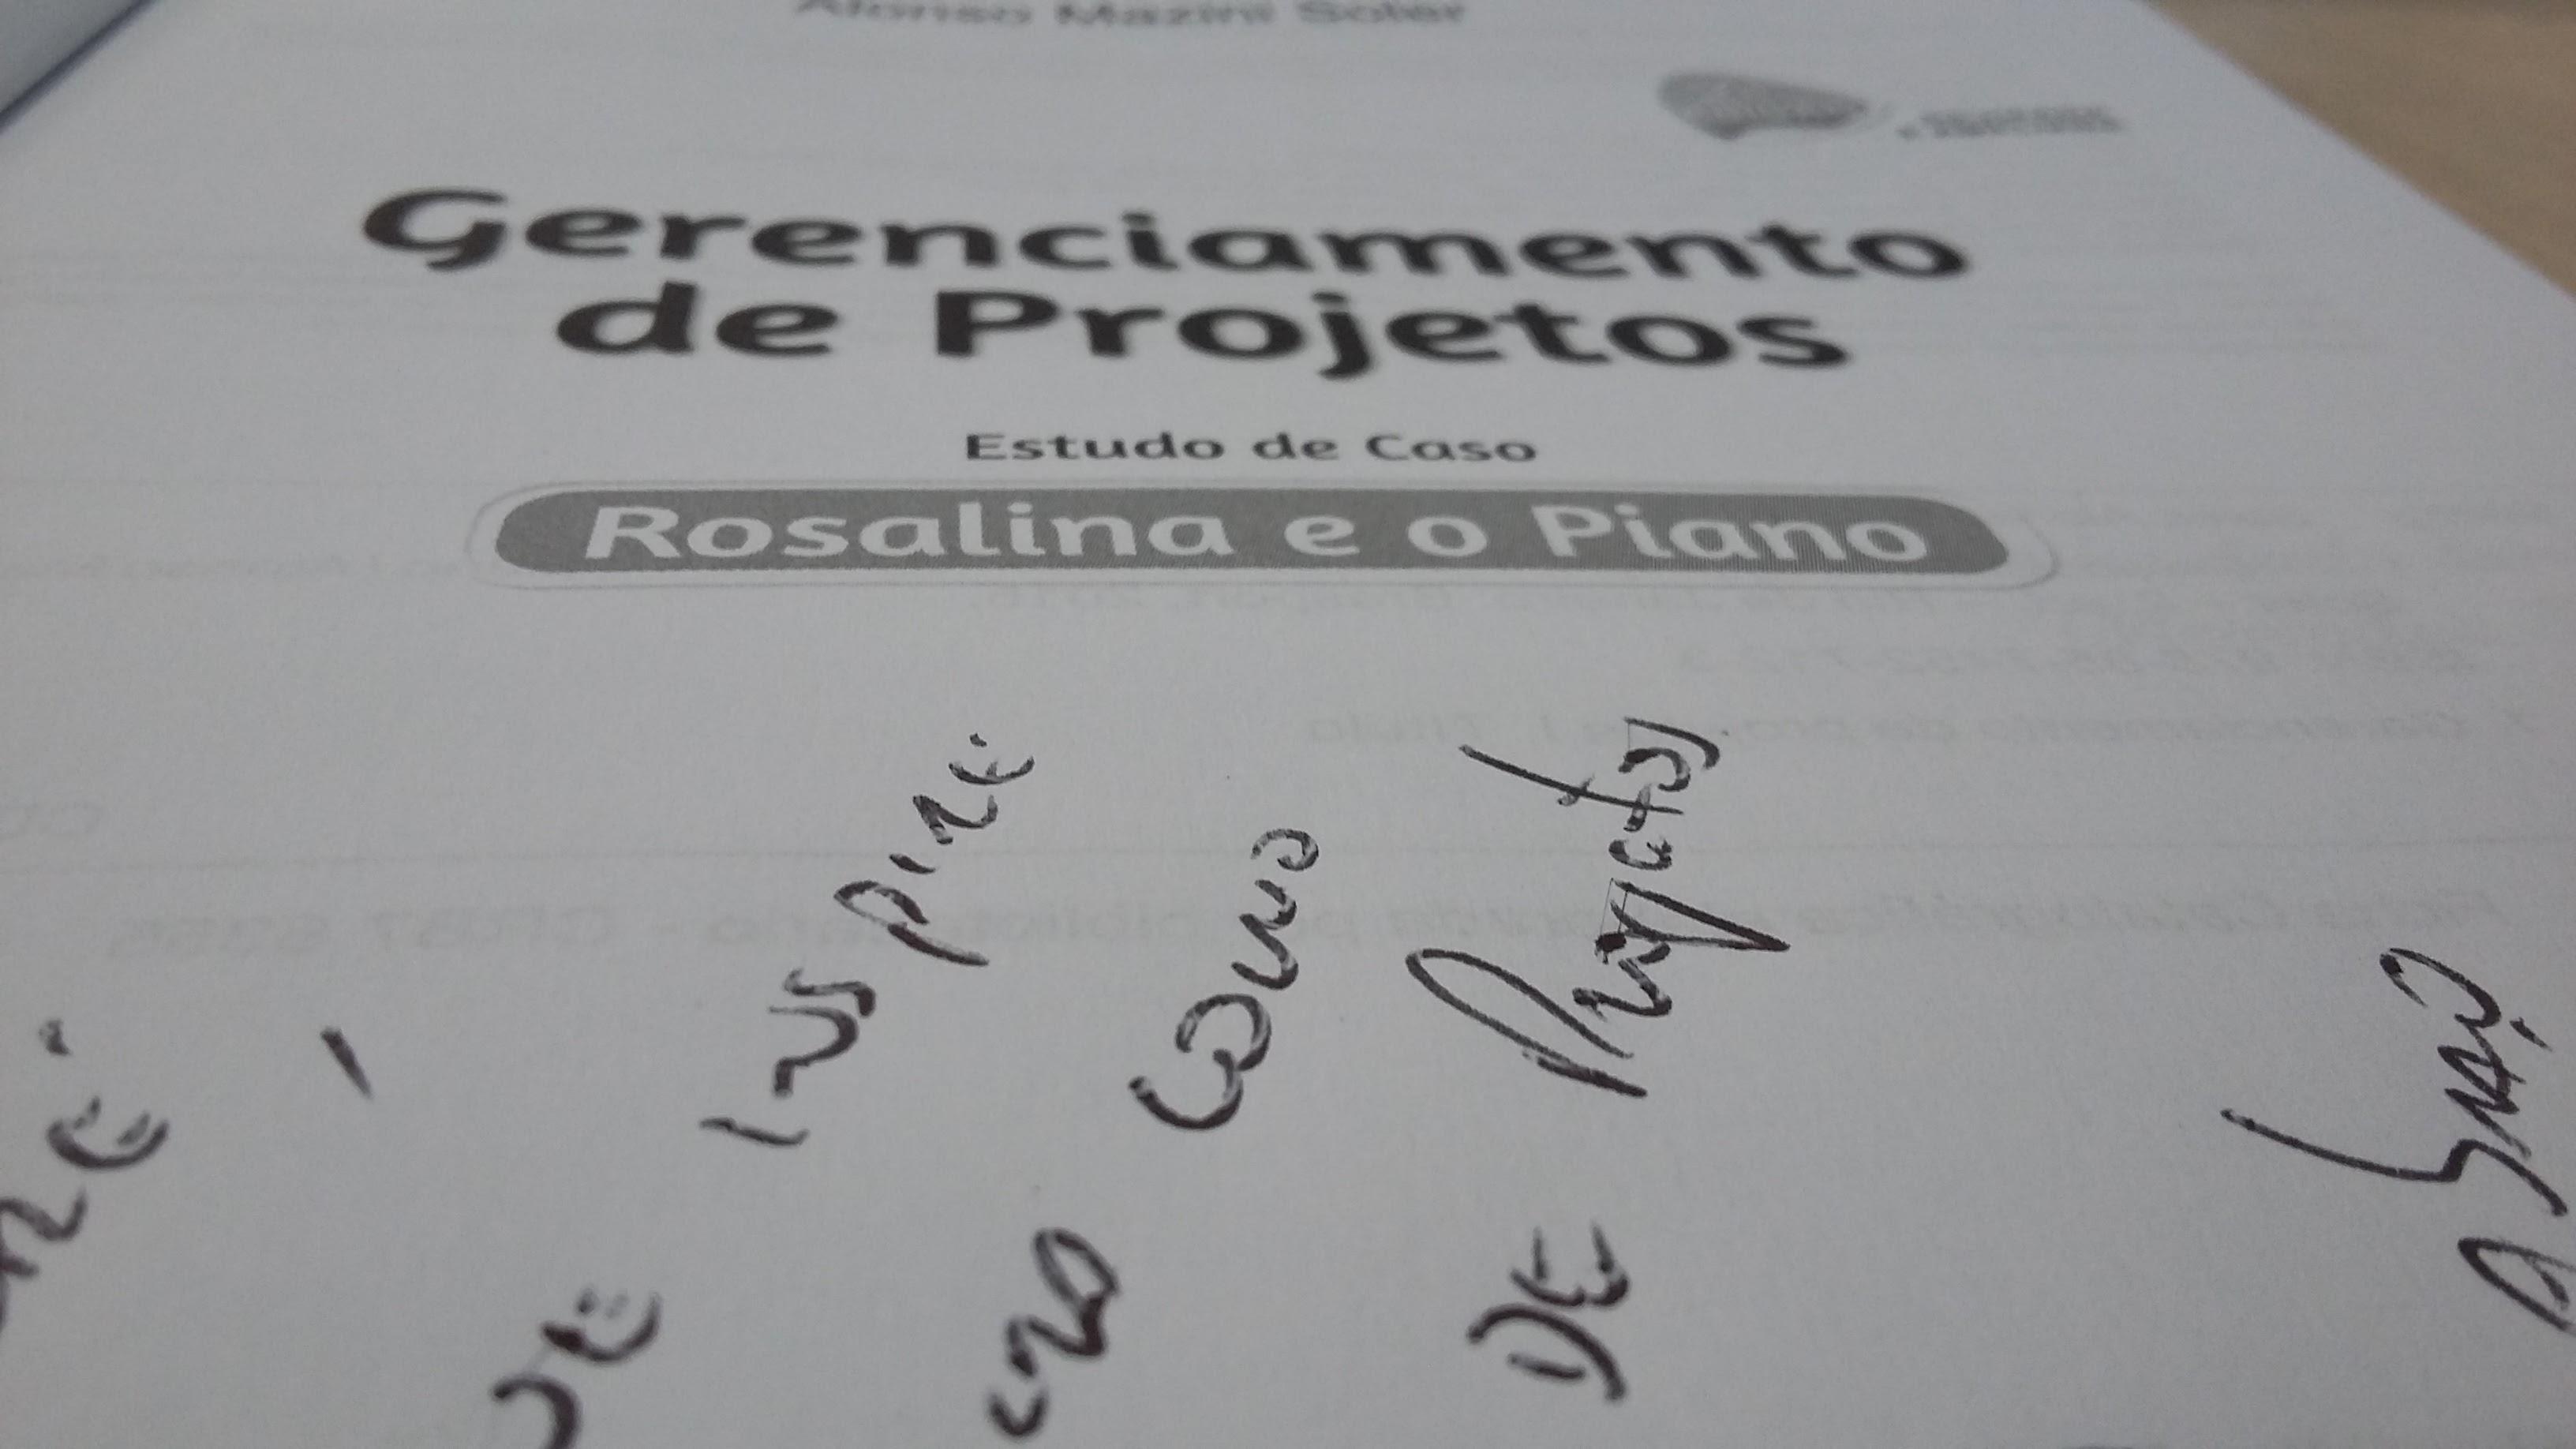 Rosalina e o Piano, 2015